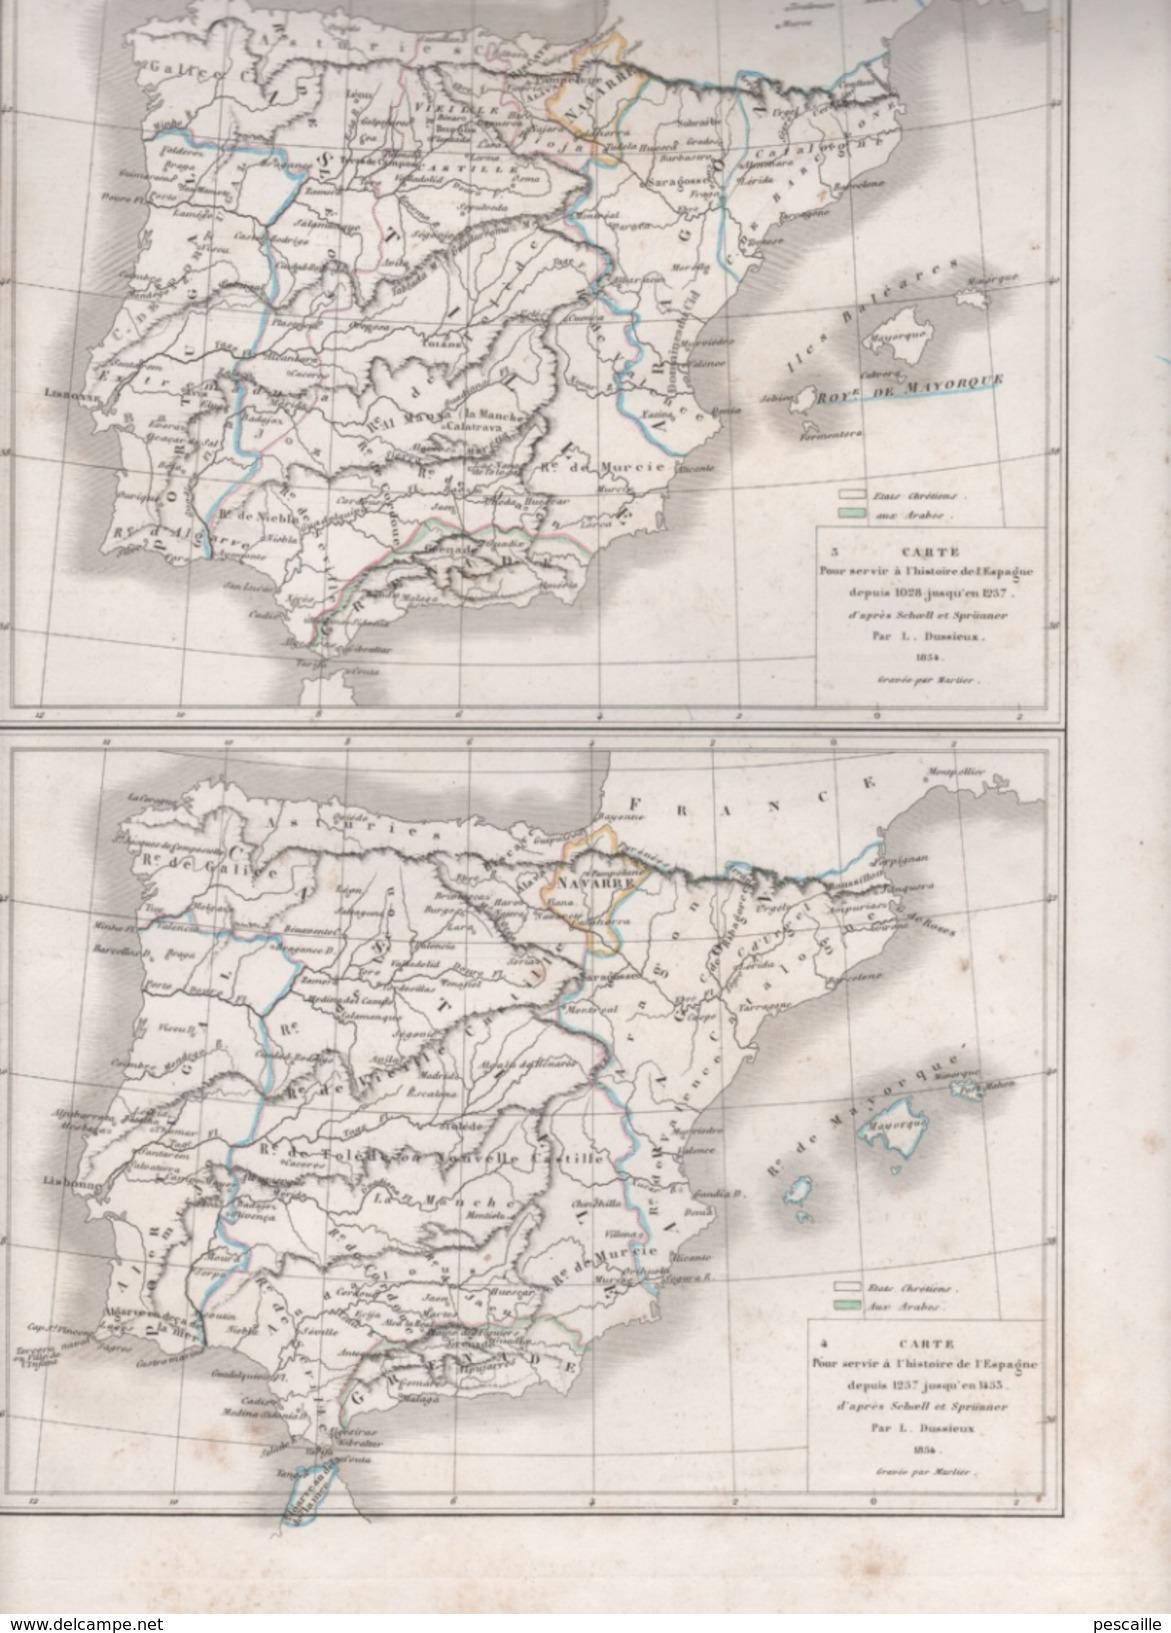 CARTES POUR SERVIR L'HISTOIRE DE L'ESPAGNE DRESSEES PAR L DUSSIEUX 1854 - ROYAUME WISIGOTHS / 711-1028 / 1028-1237 / .. - Mapas Geográficas